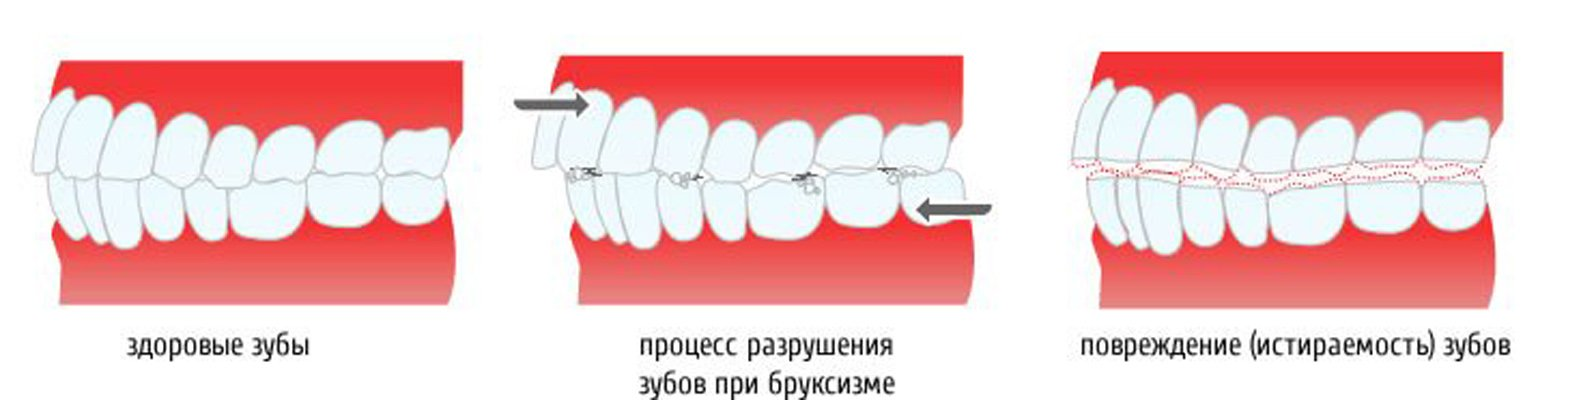 Сильно сжатые зубы причины